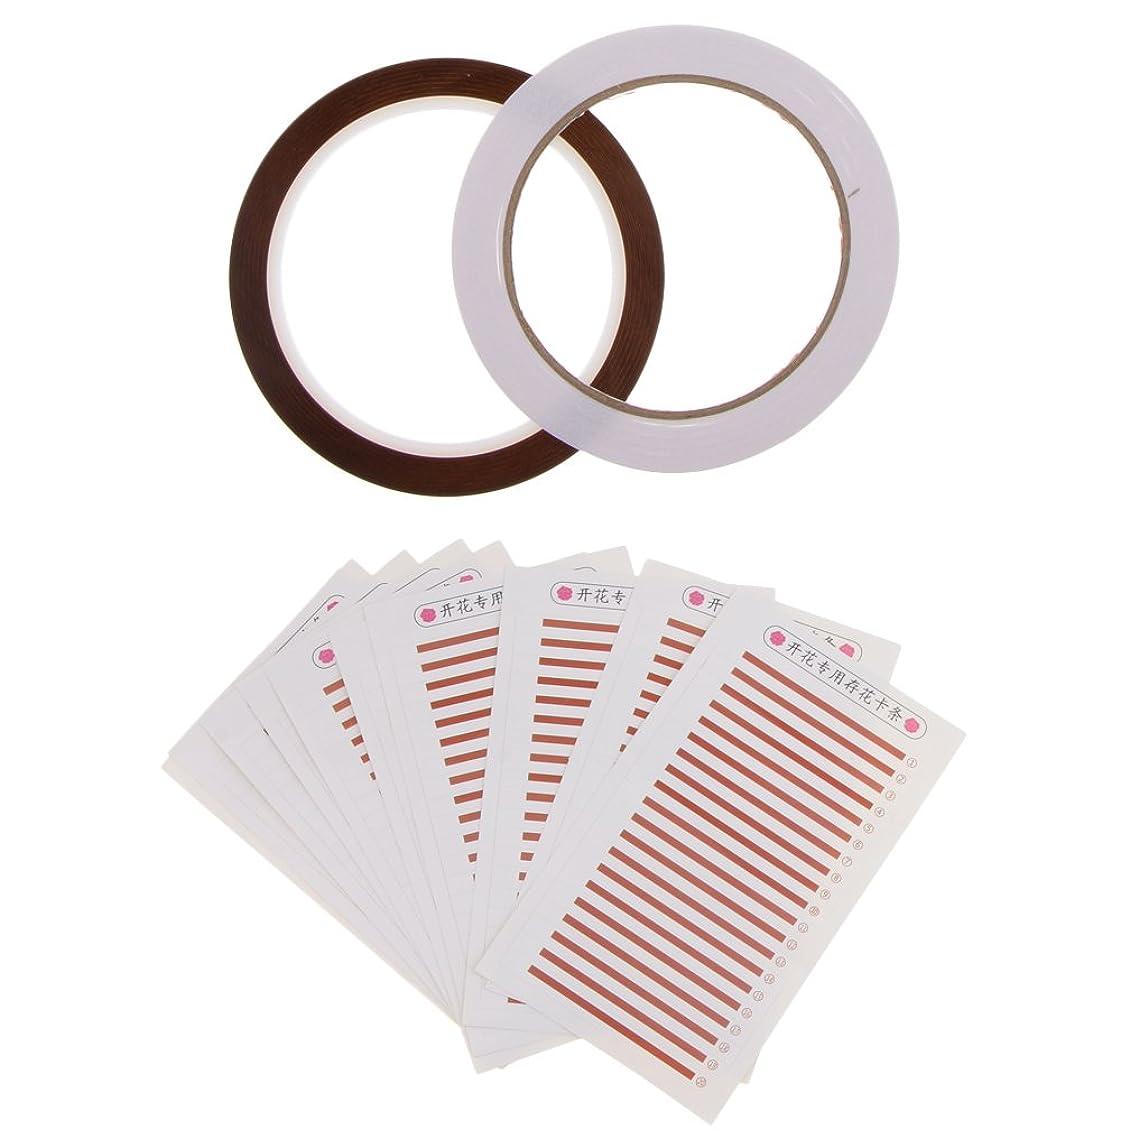 パケット性格発音するFenteer 個々のまつげ まつげカード まつげ 付けまつげ 粘着性 接着剤テープ メイクアップ